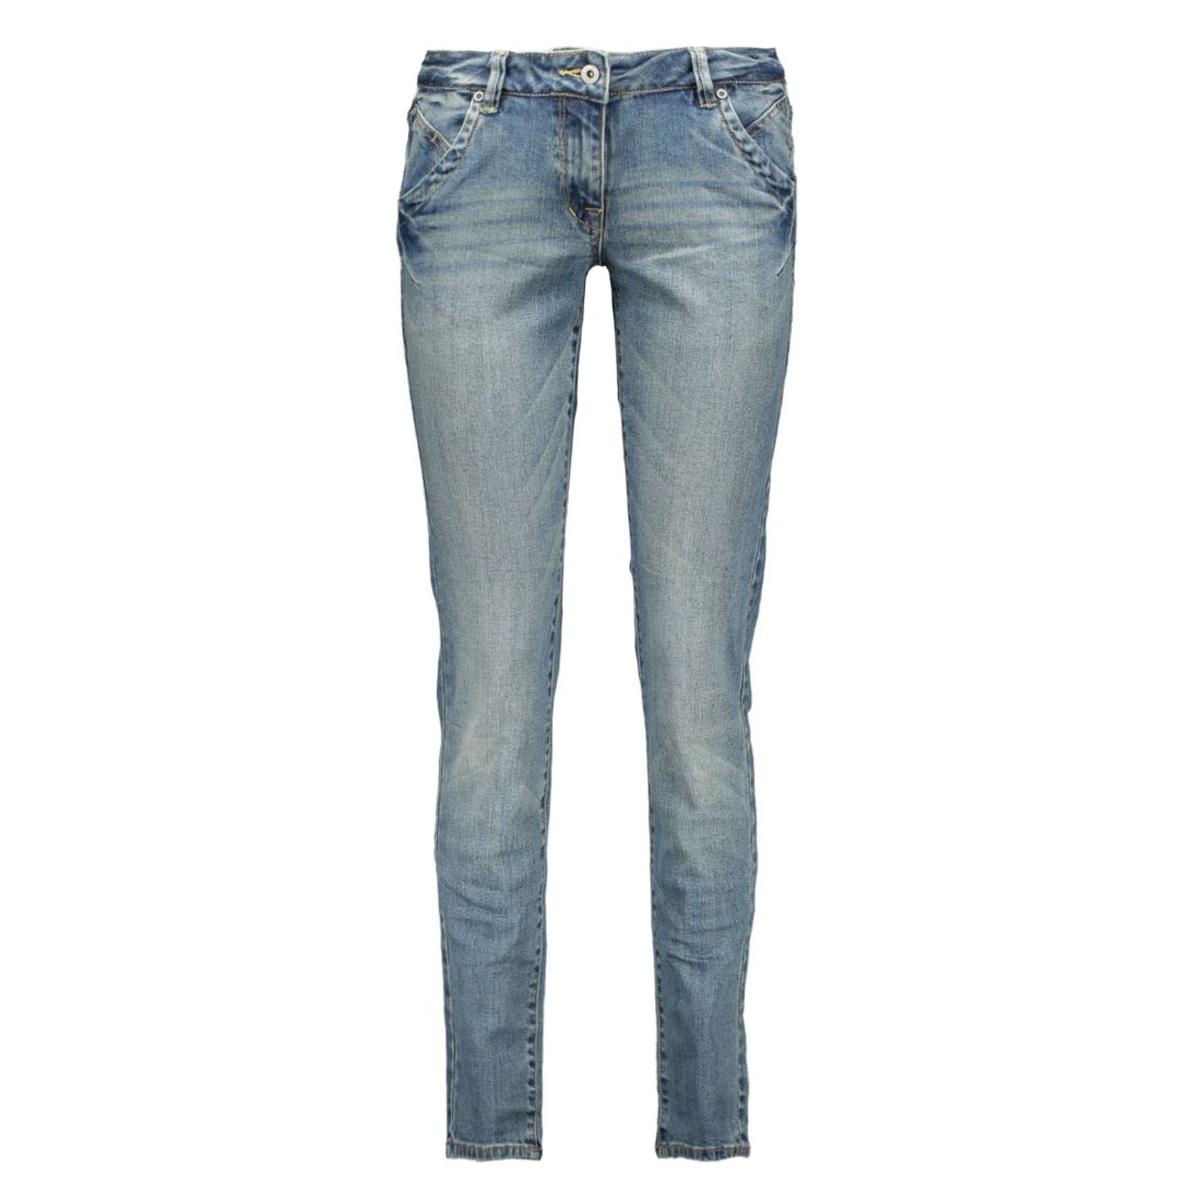 0001051665 sandwich jeans 25396